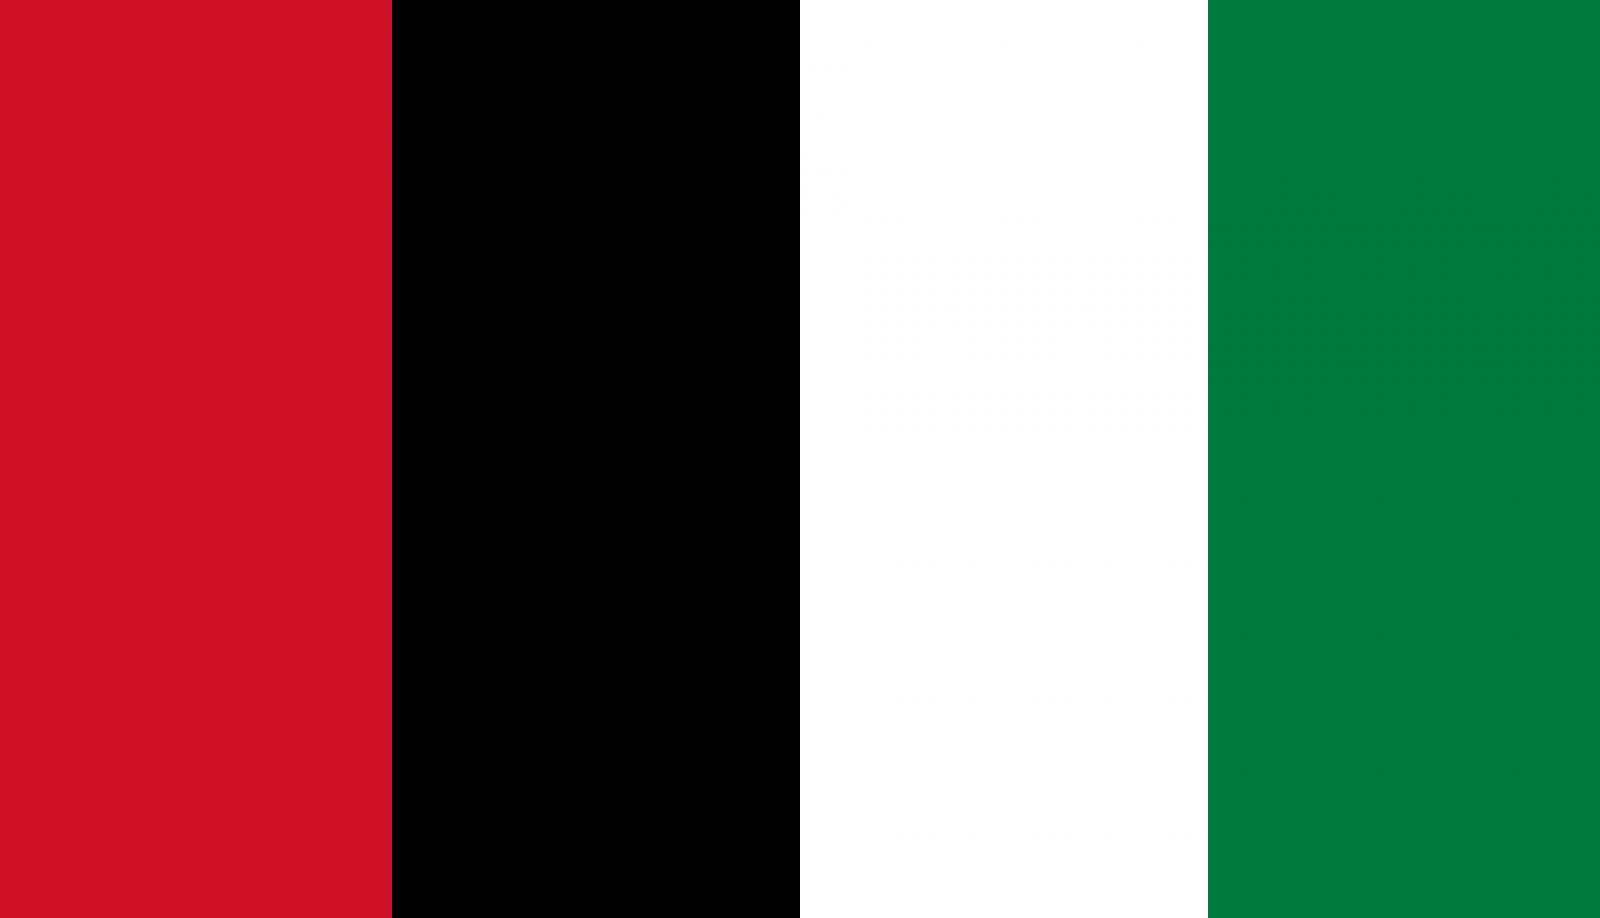 Couleurs du drapeau palestinien